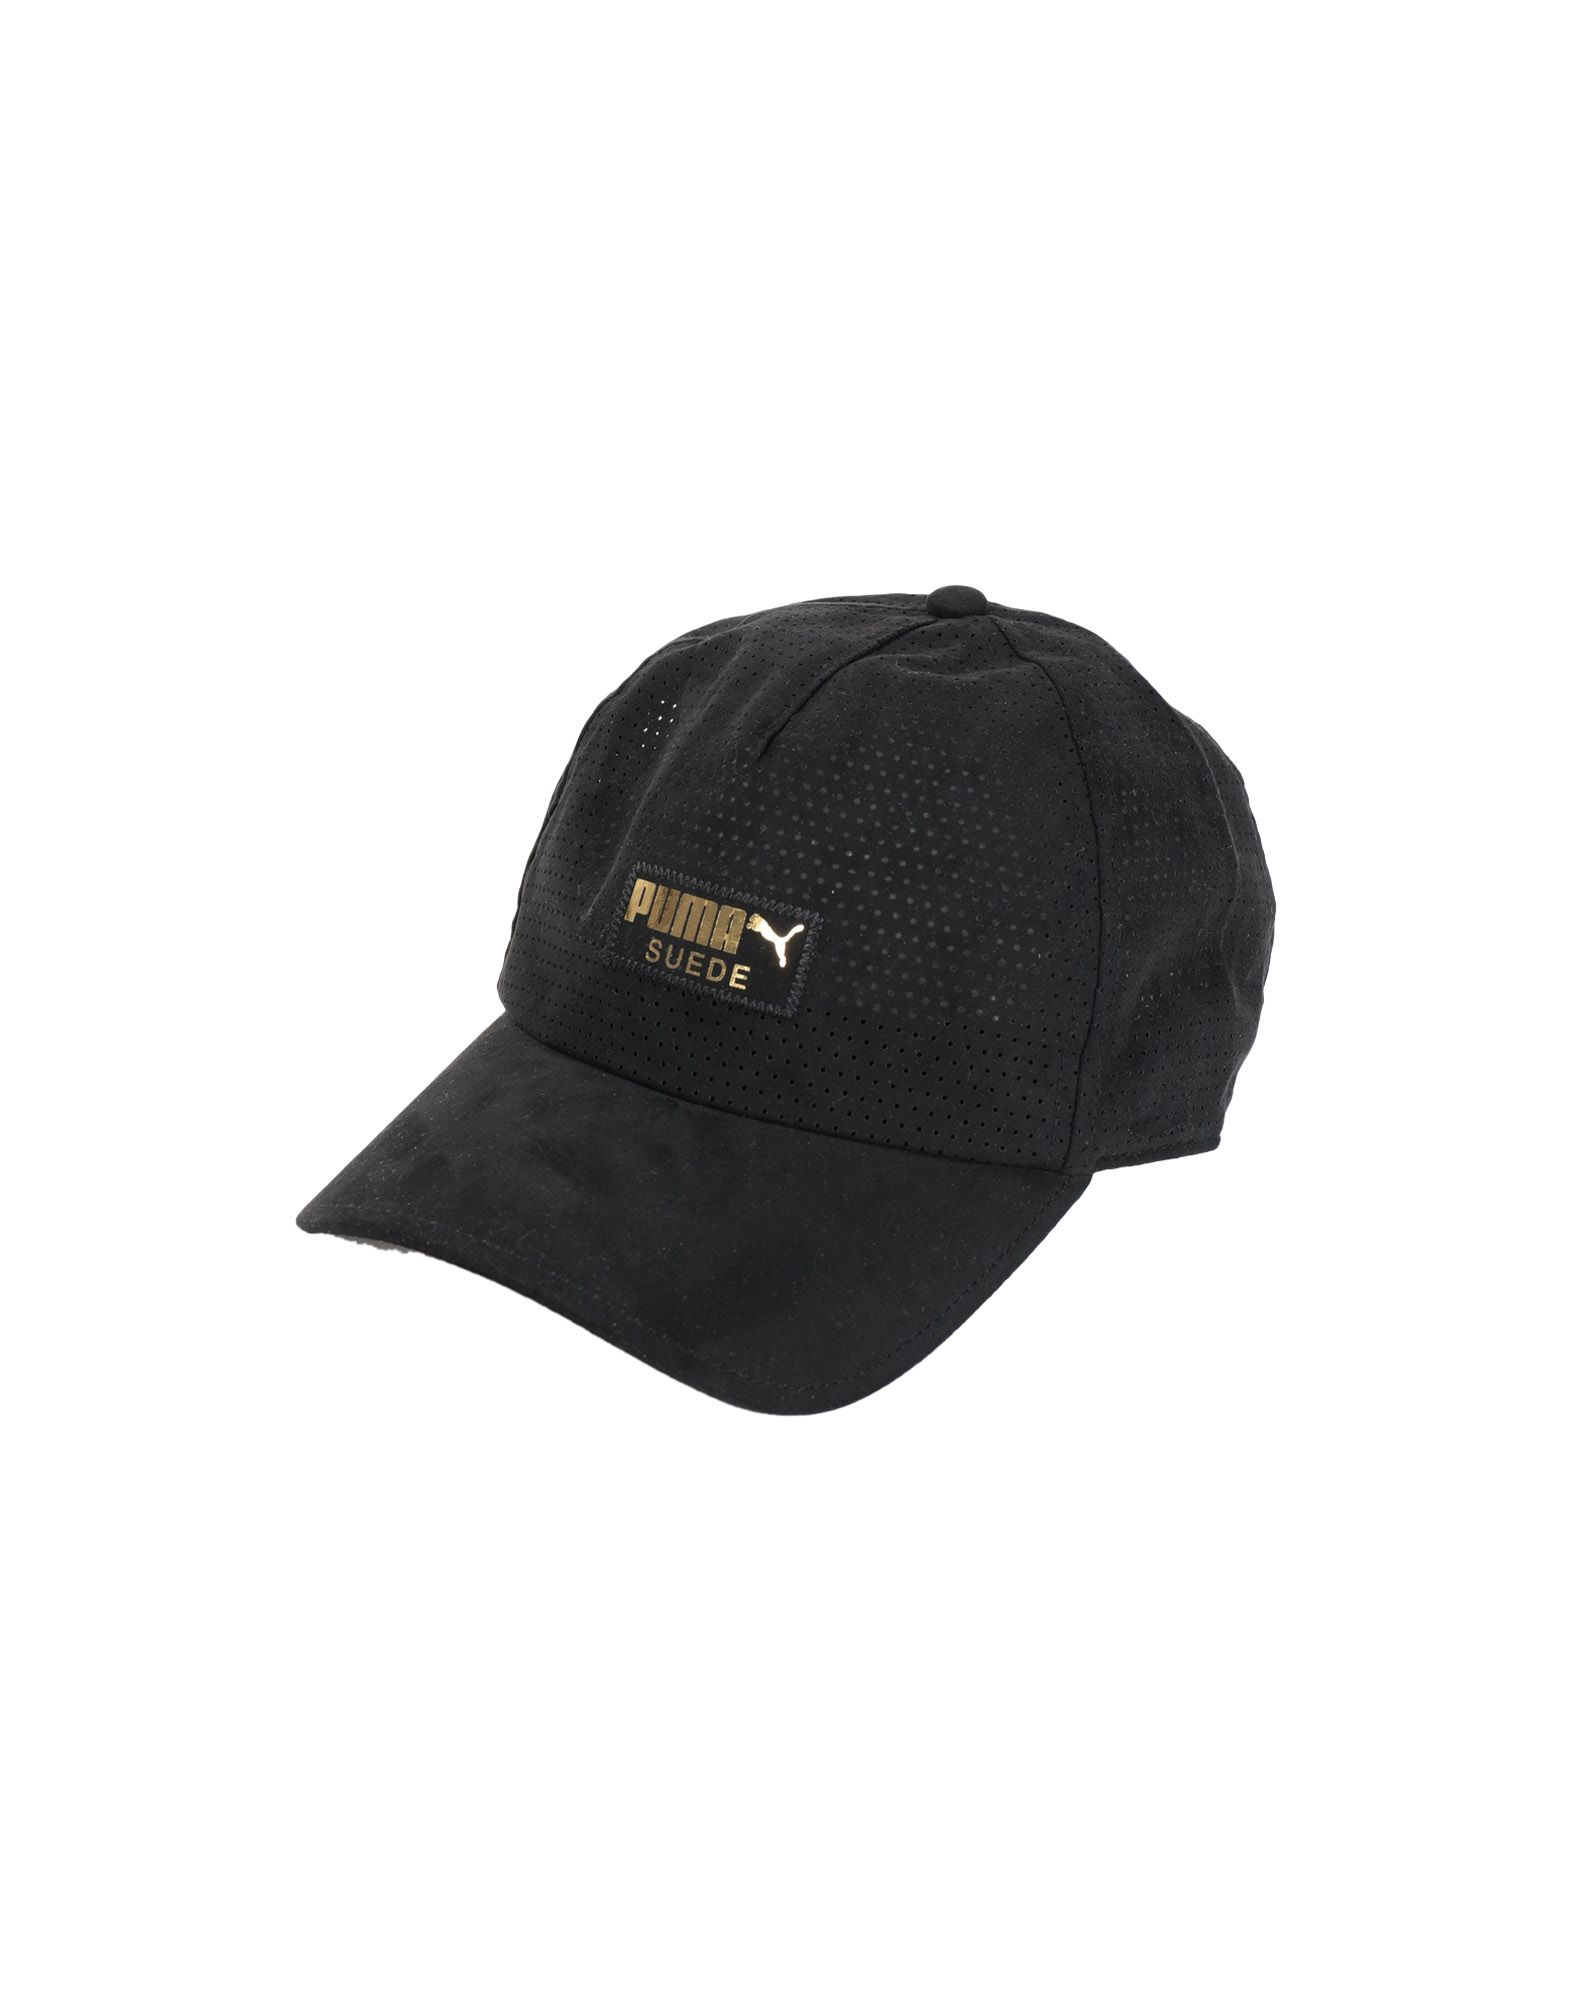 PUMA Unisex Mützen & Hüte1 schwarz